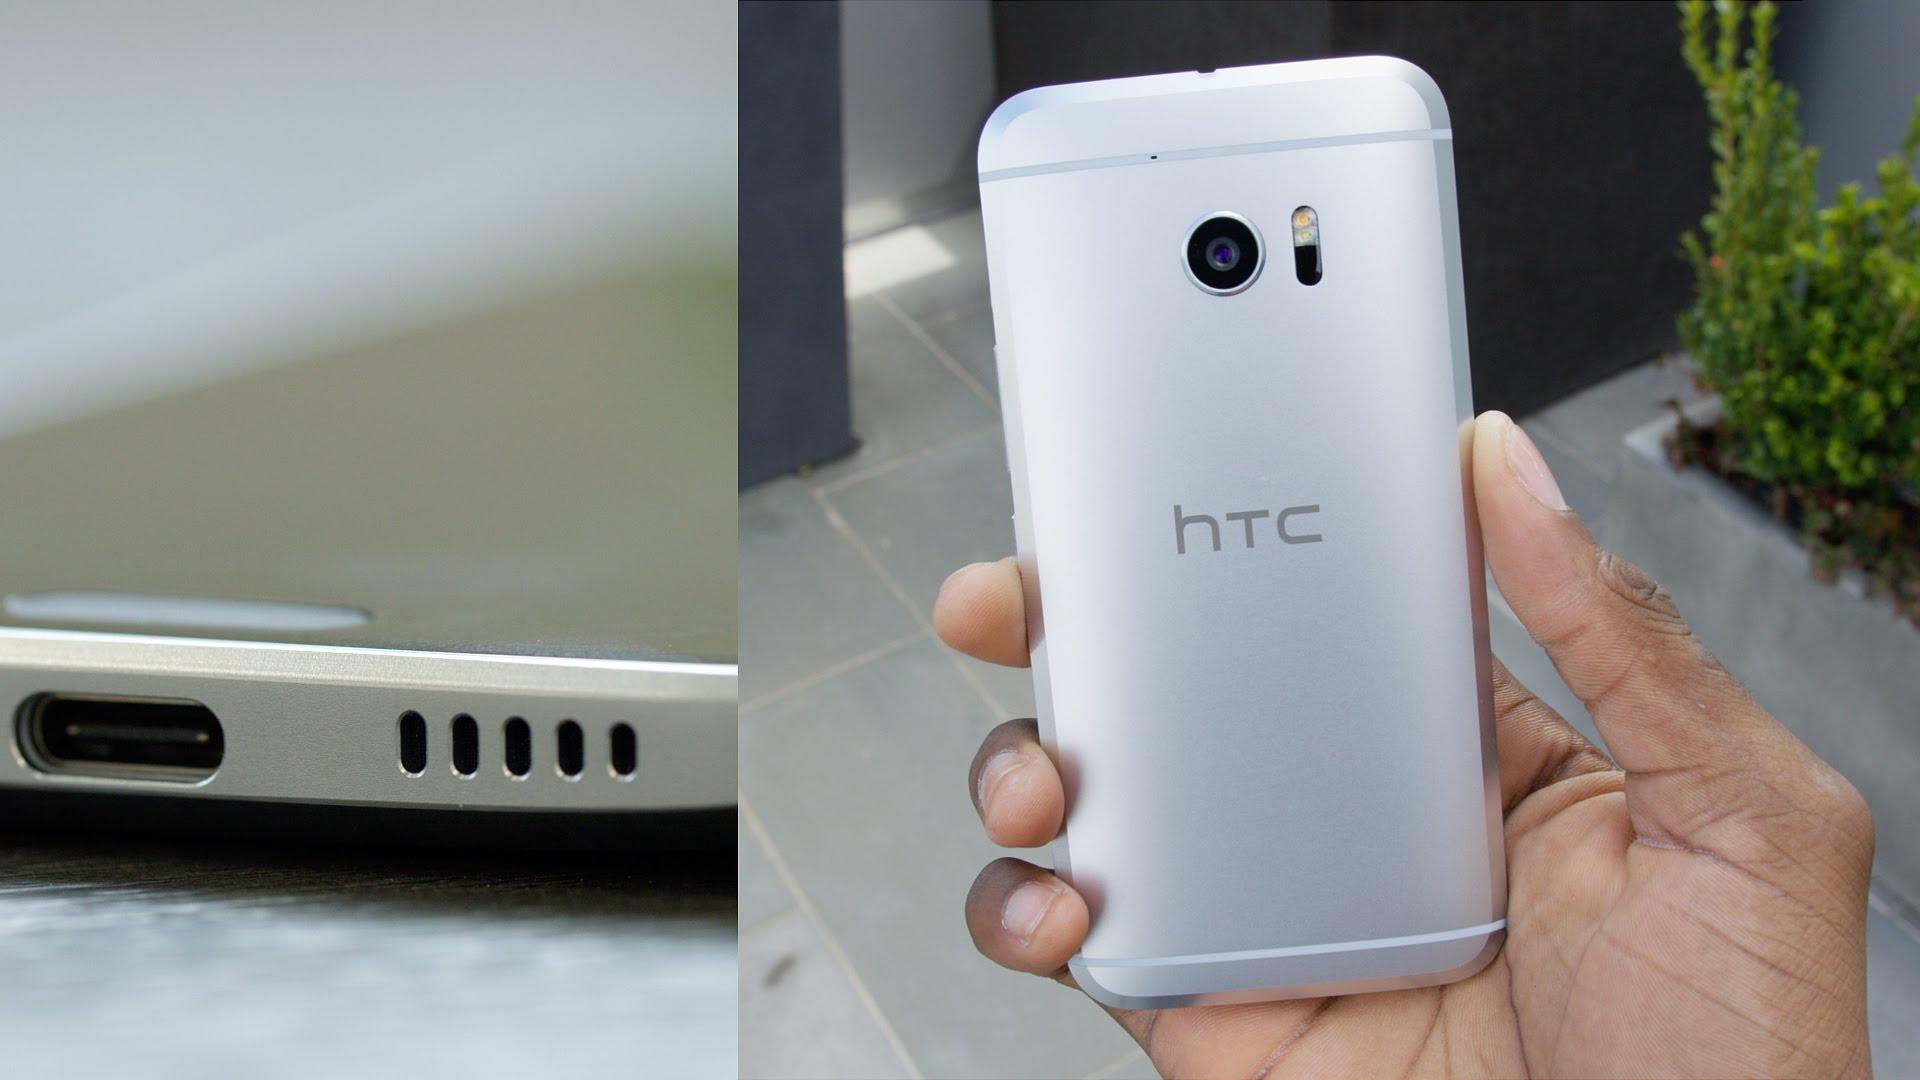 Hiện tượng HTC 10 sạc không vào pin